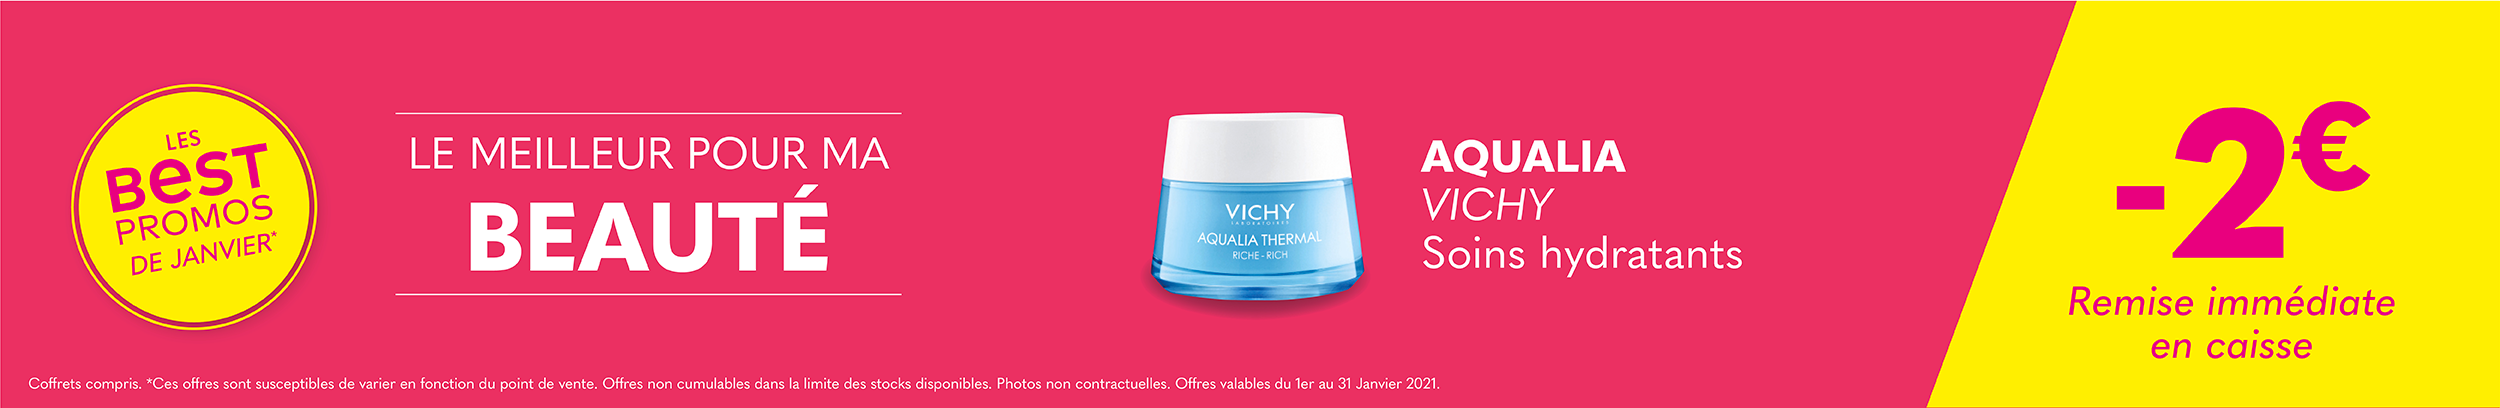 AQUALIA VICHY / Soins hydratants